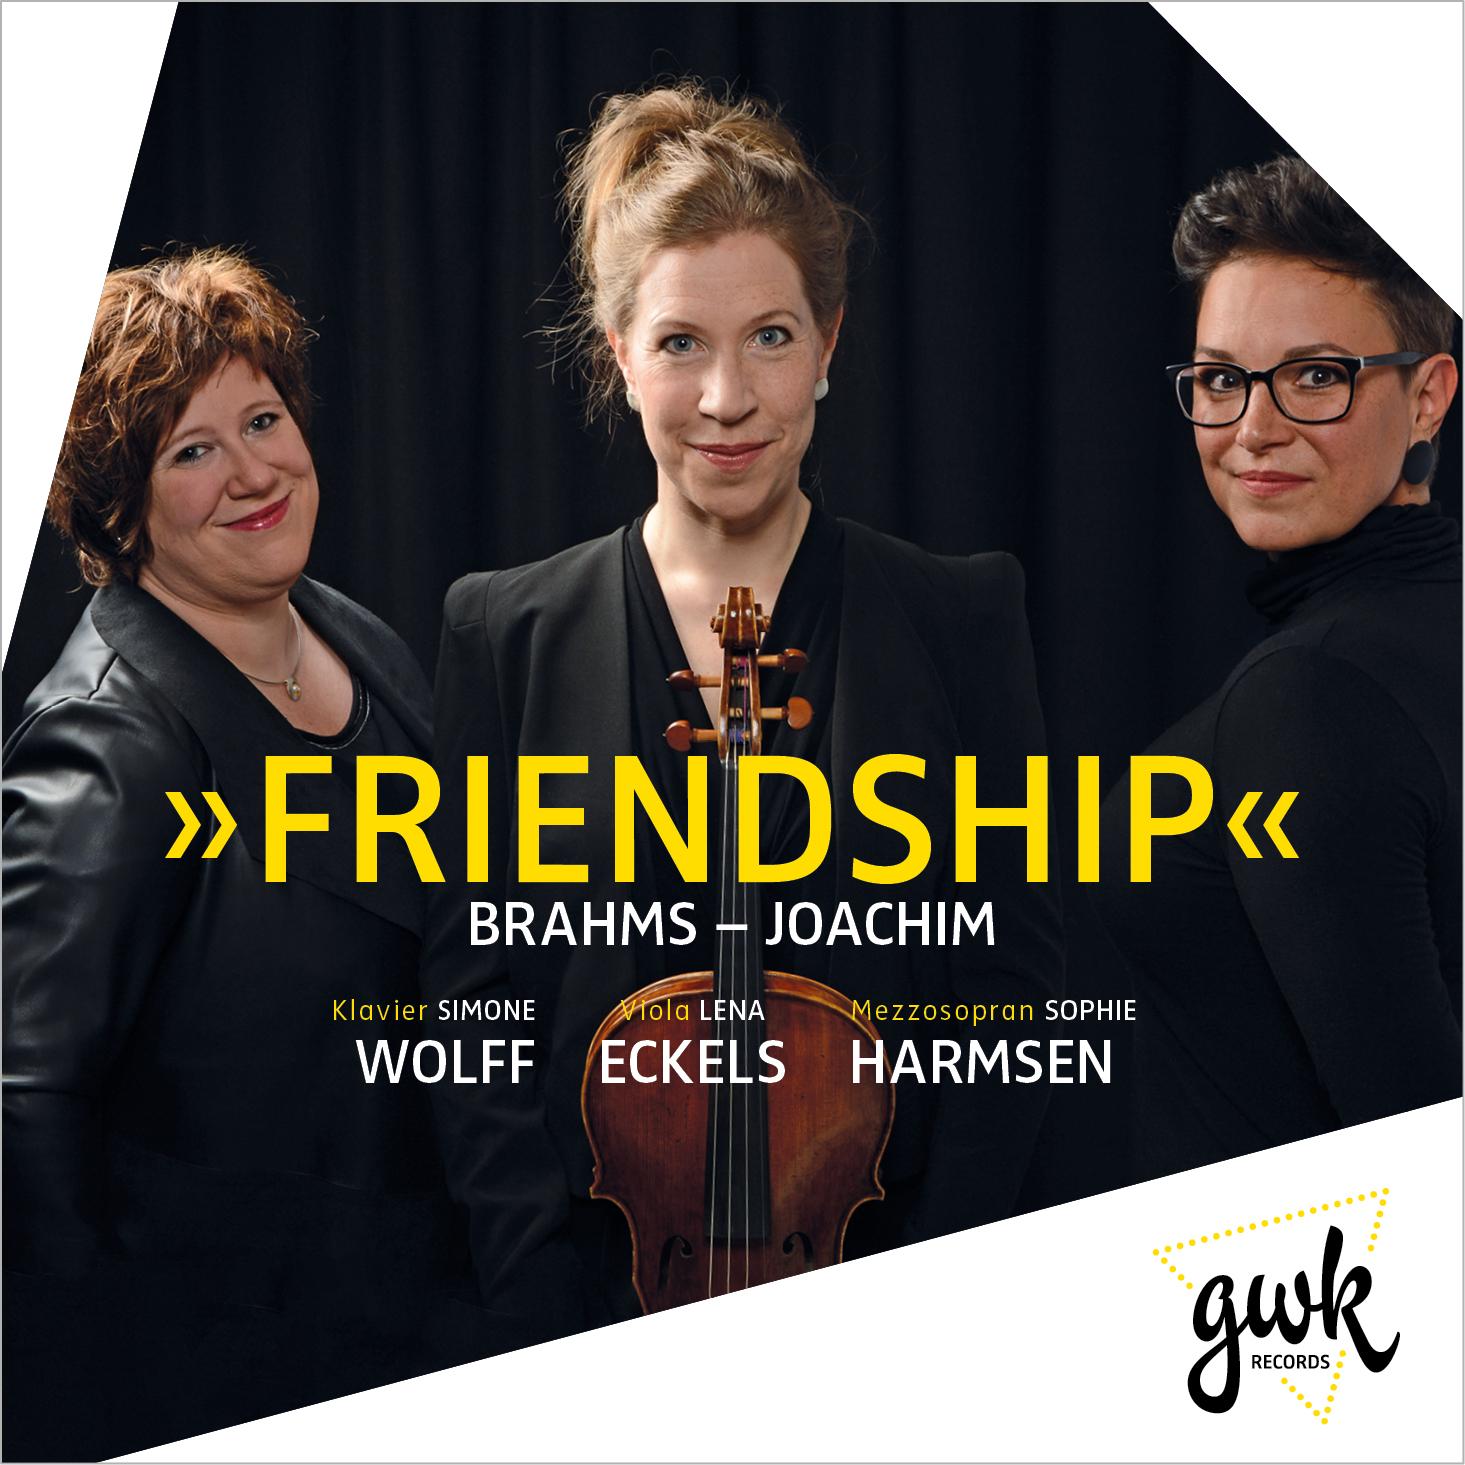 L. Eckels (Viola), S. Wolff (Klavier) und S. Harmsen (Mezzosopran)